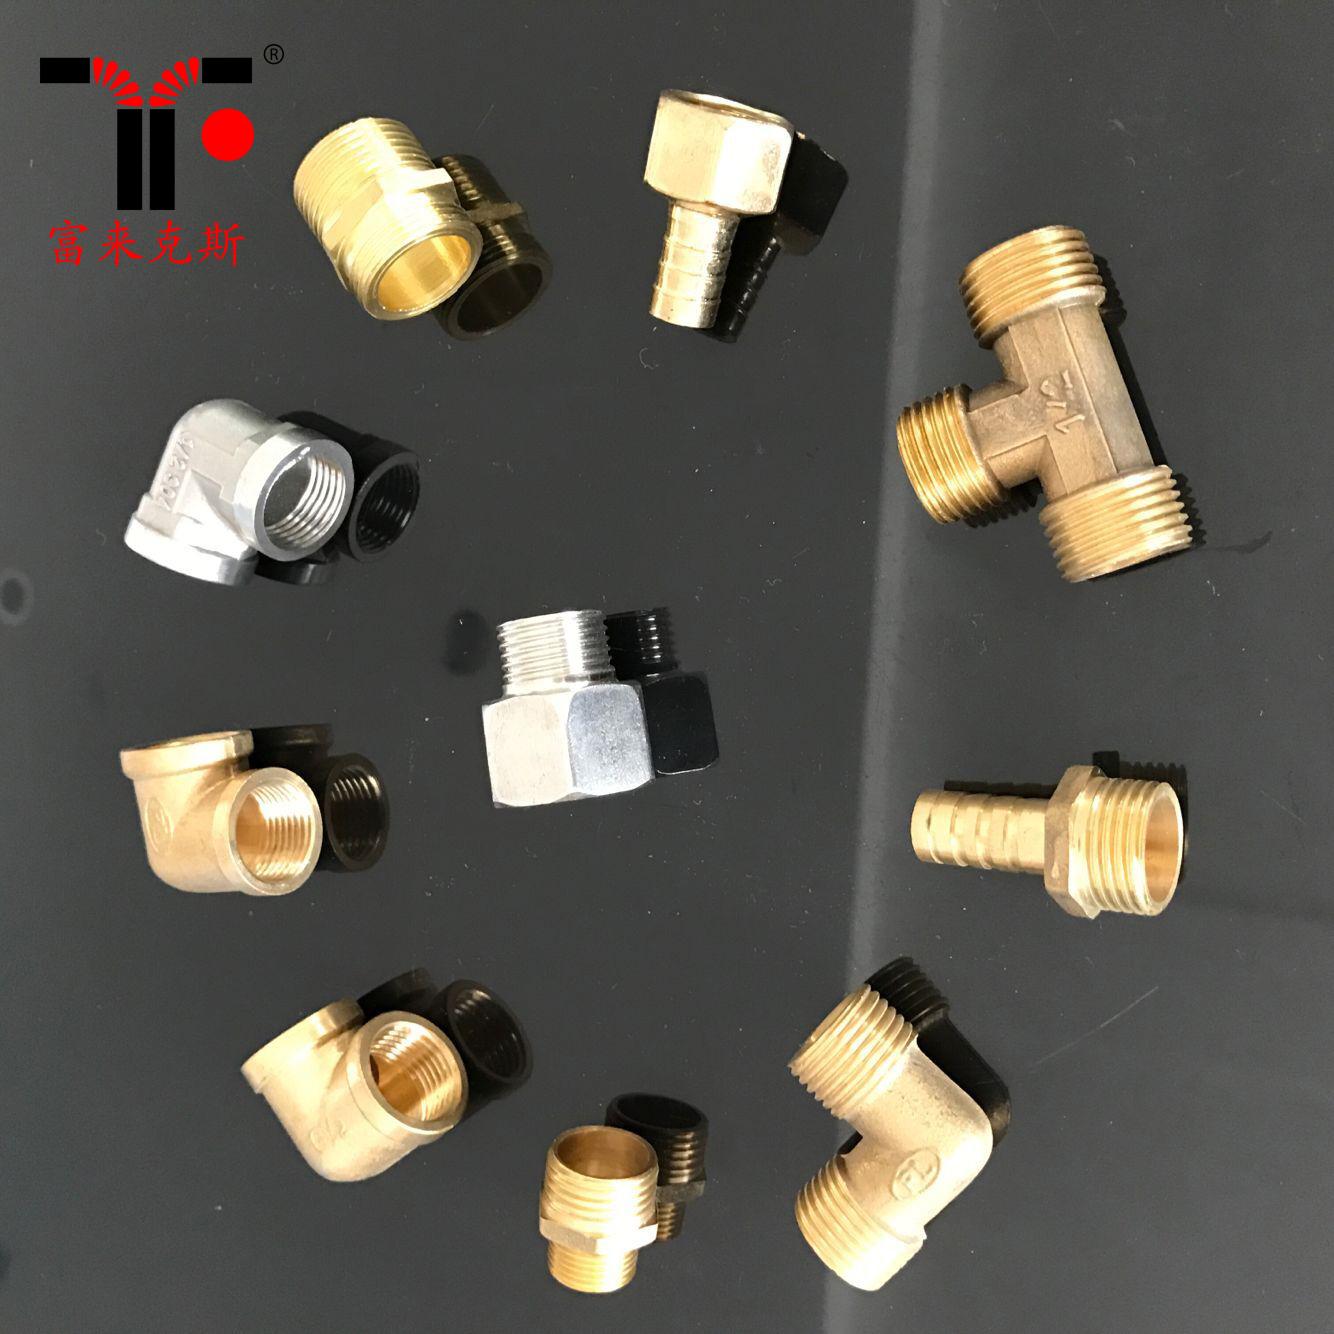 燃气管管卡煤气管天然气管不锈钢波纹管专用管